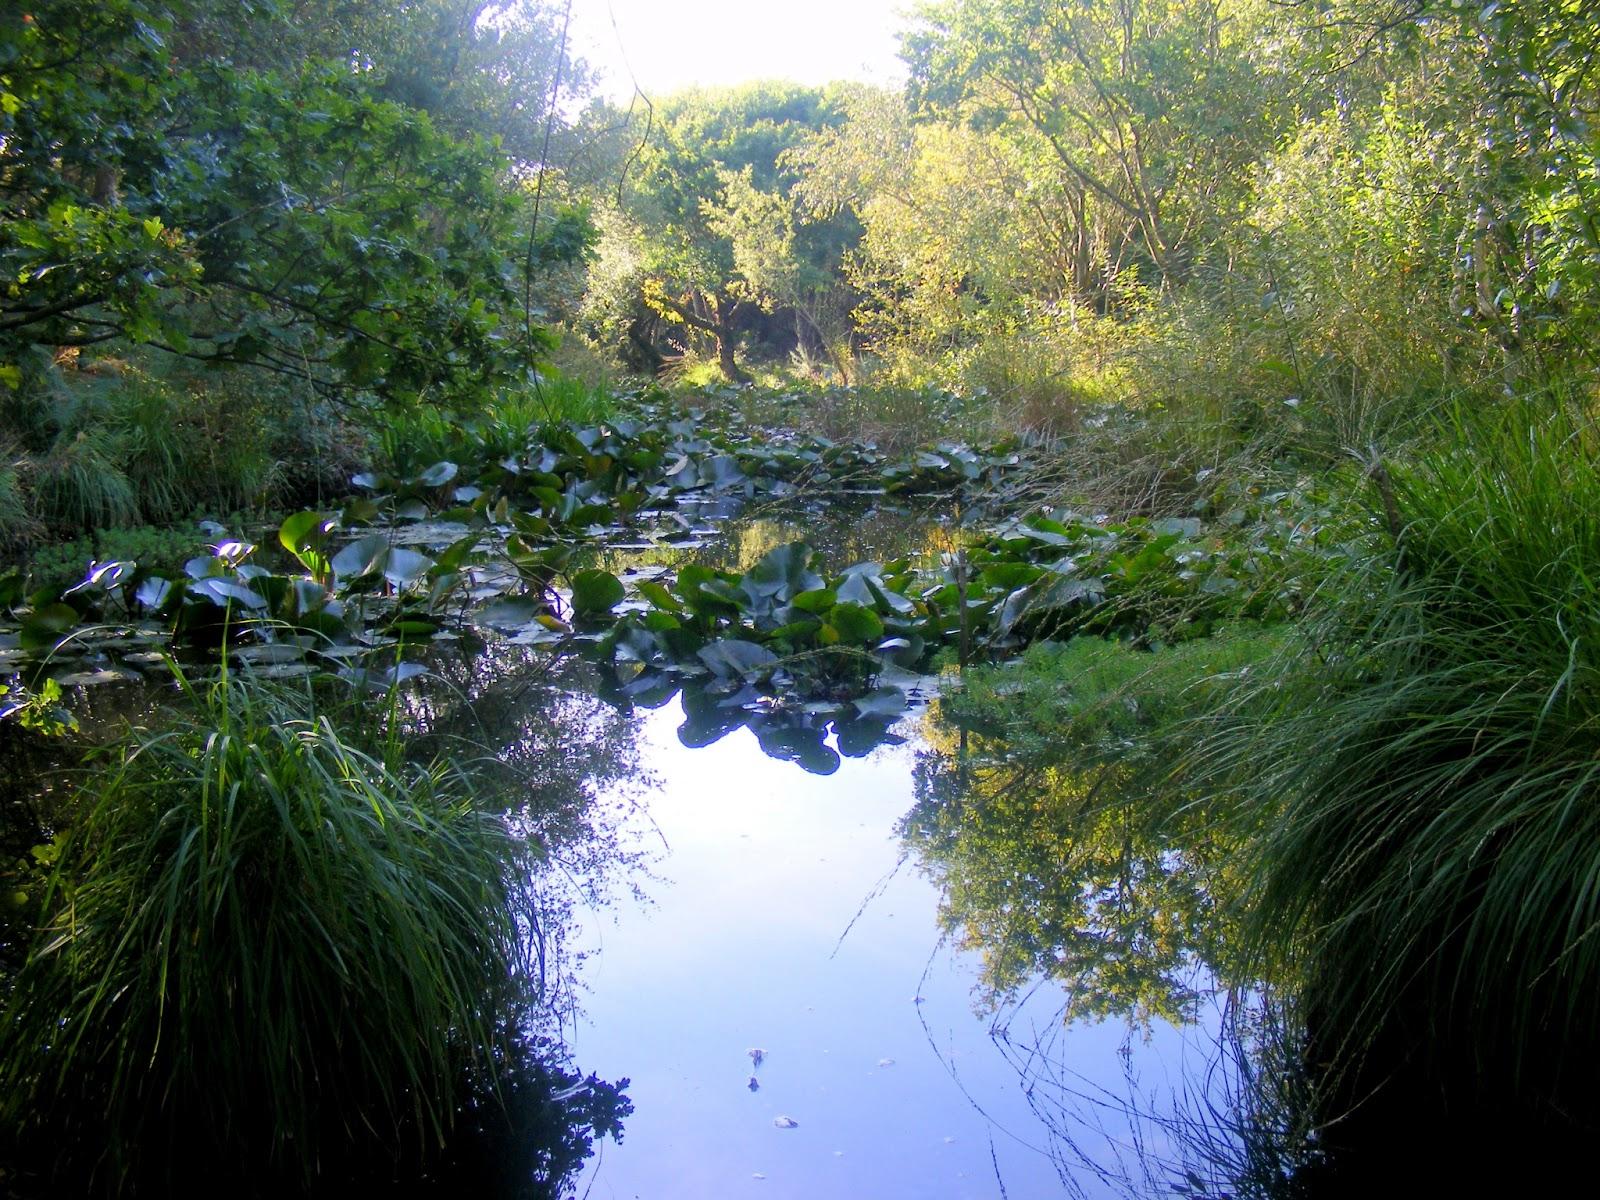 staw liliowy, lilly pond